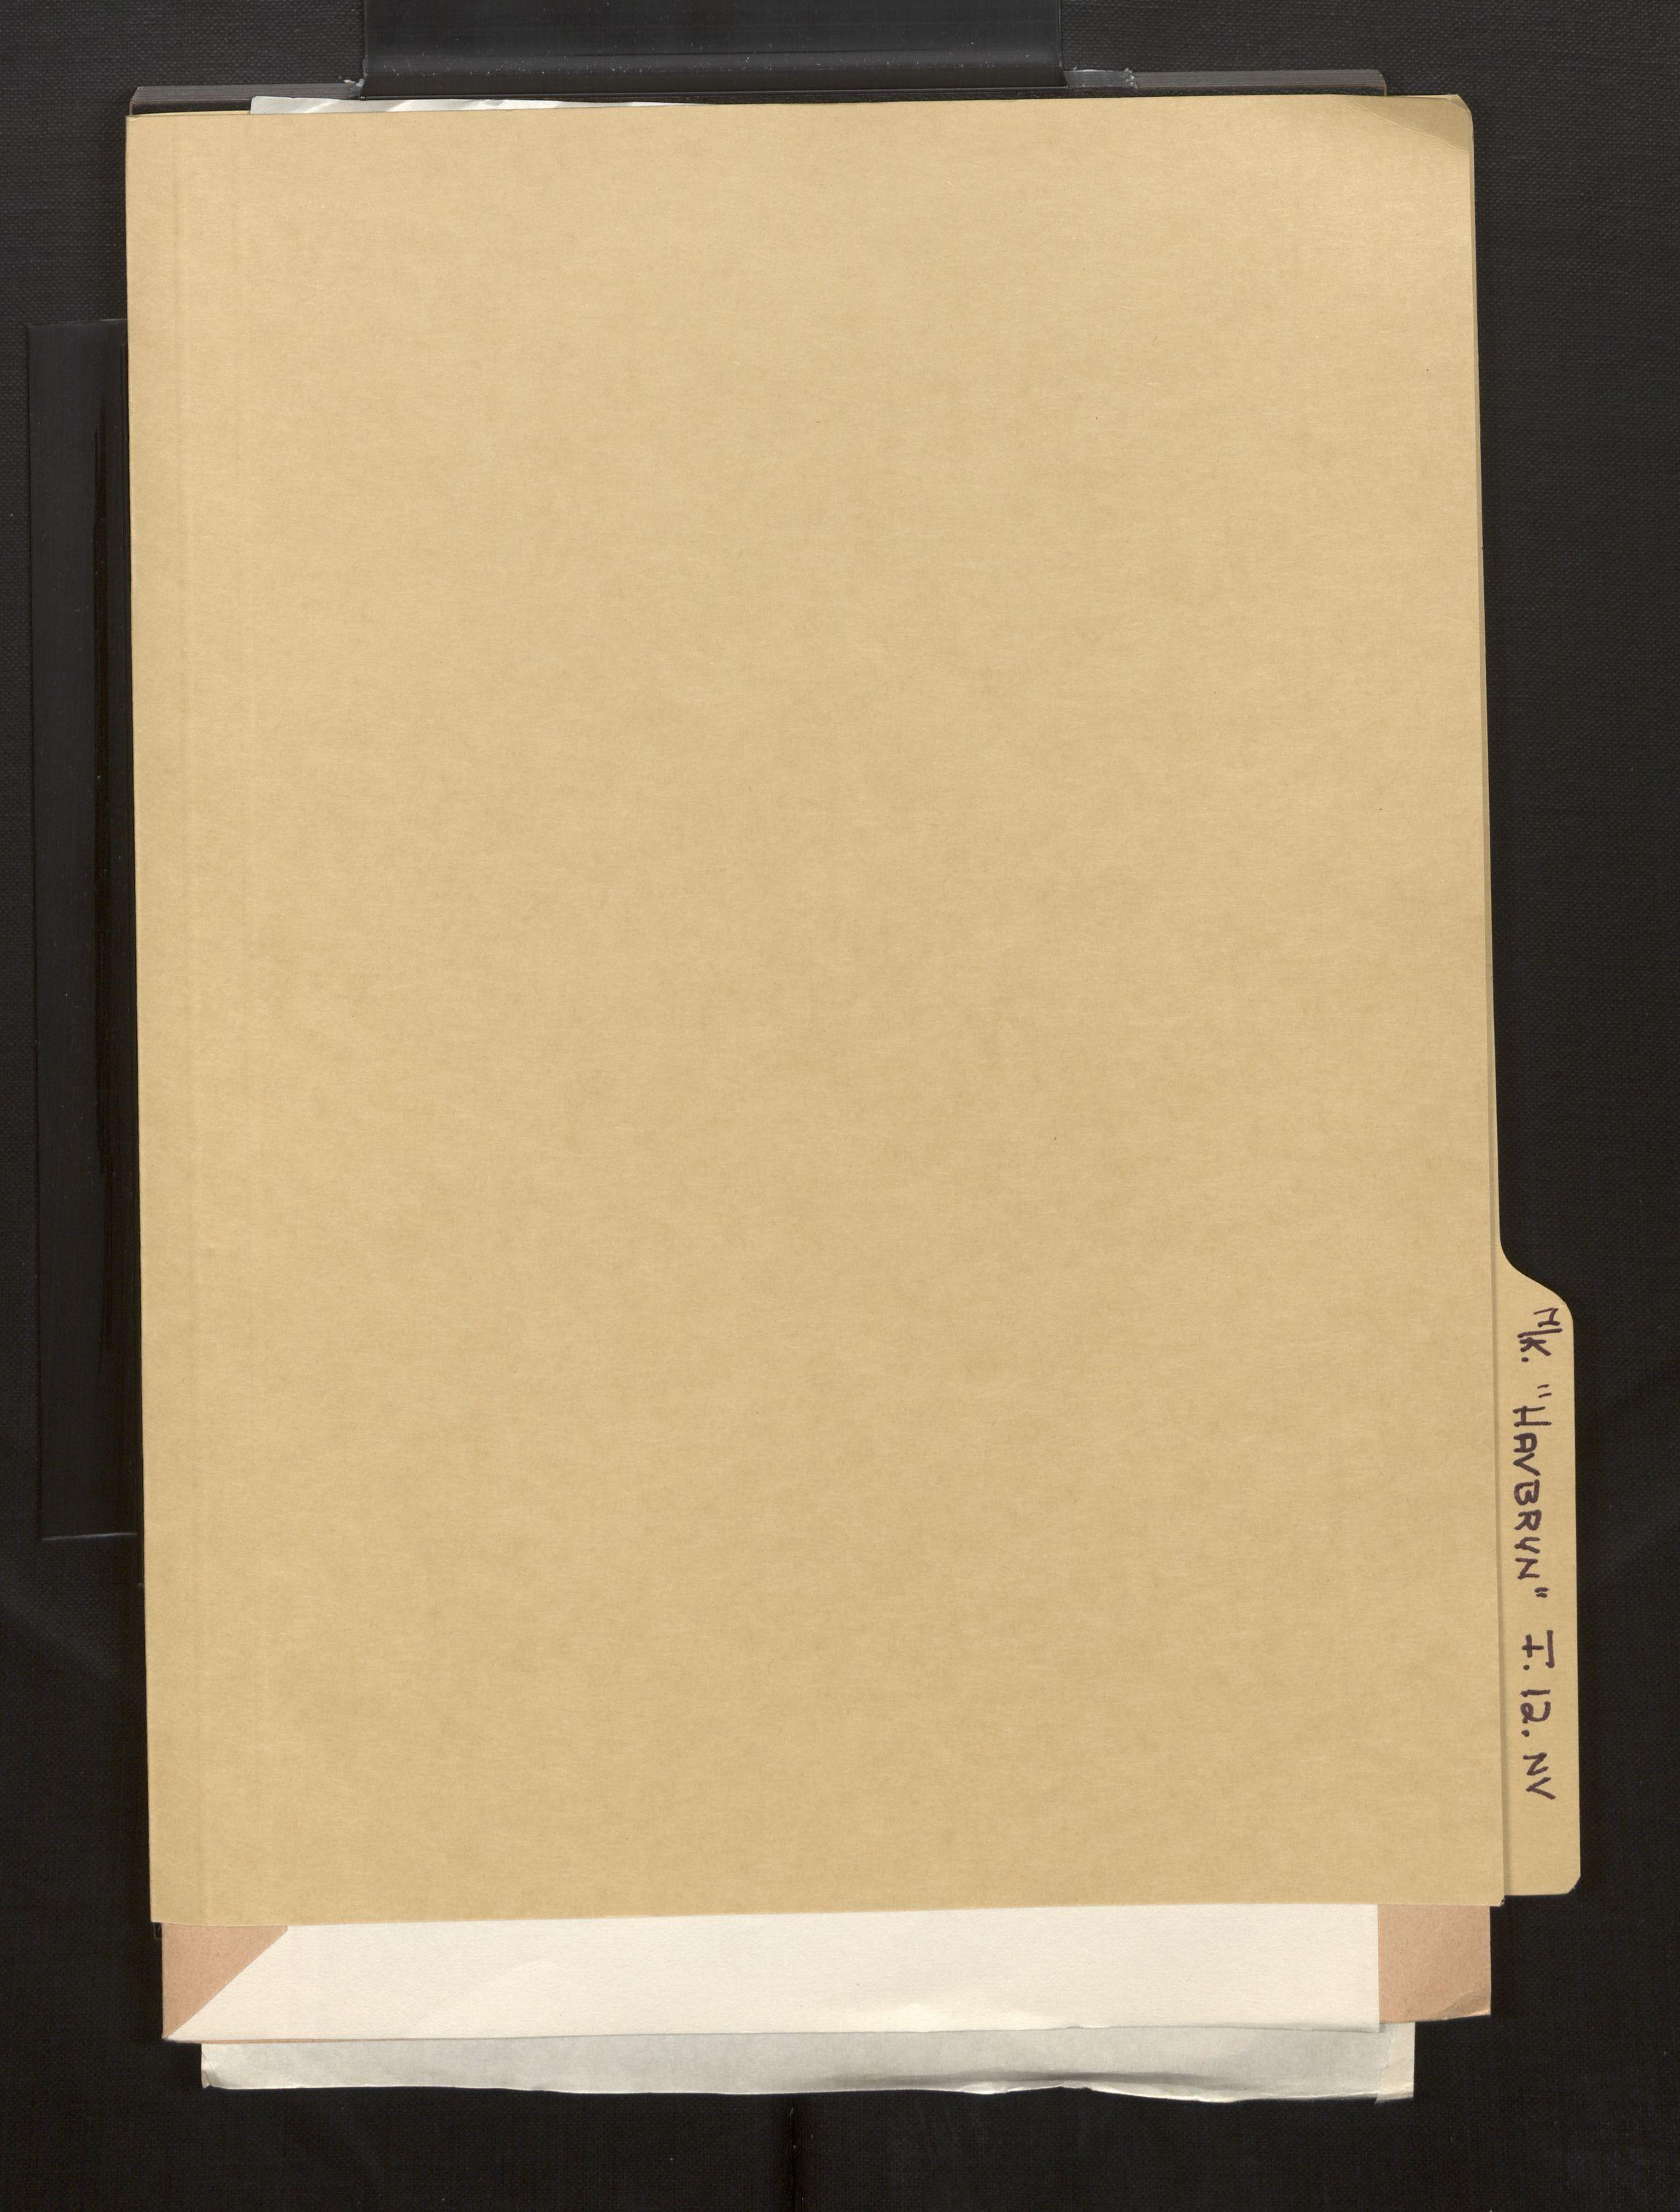 SAB, Fiskeridirektoratet - 1 Adm. ledelse - 13 Båtkontoret, La/L0042: Statens krigsforsikring for fiskeflåten, 1936-1971, p. 804